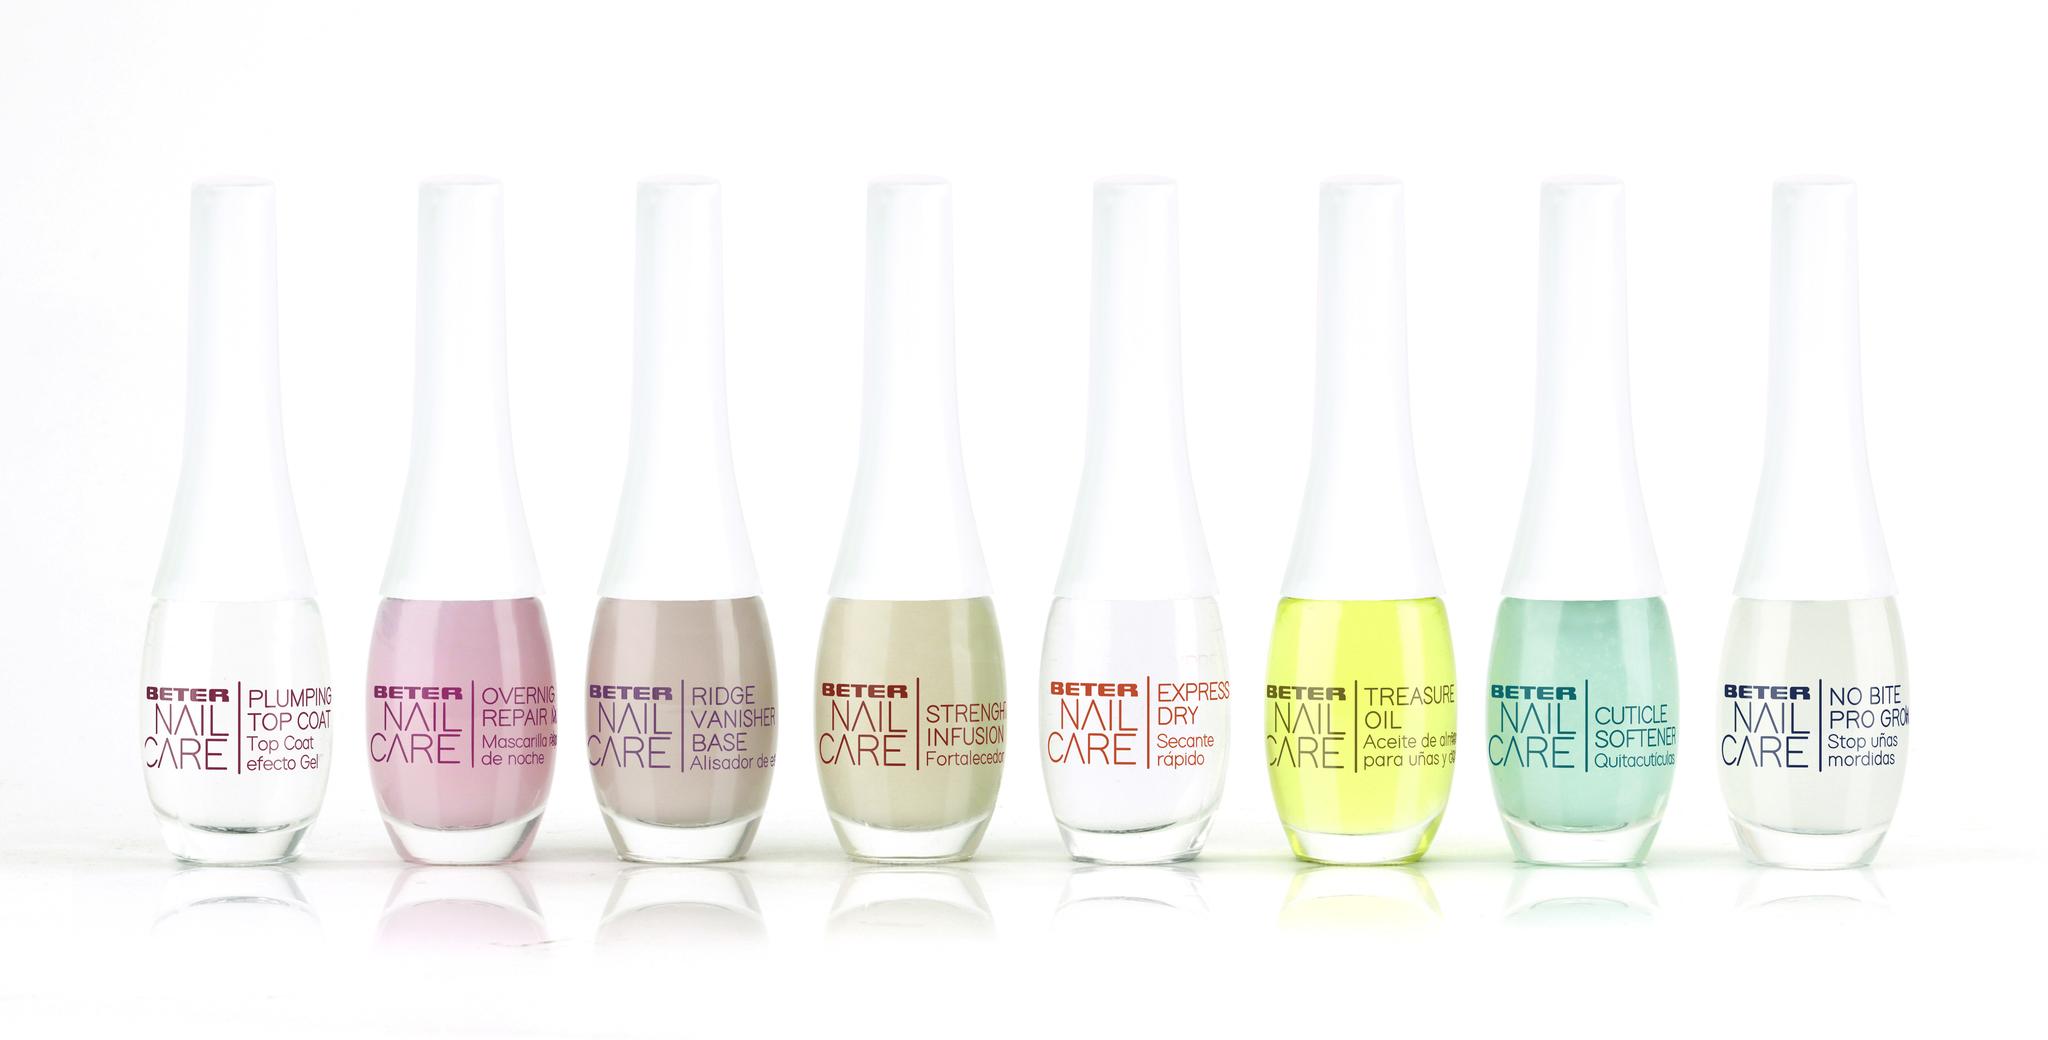 Los 8 productos de tratamiento de la gama Nail Care de Beter.